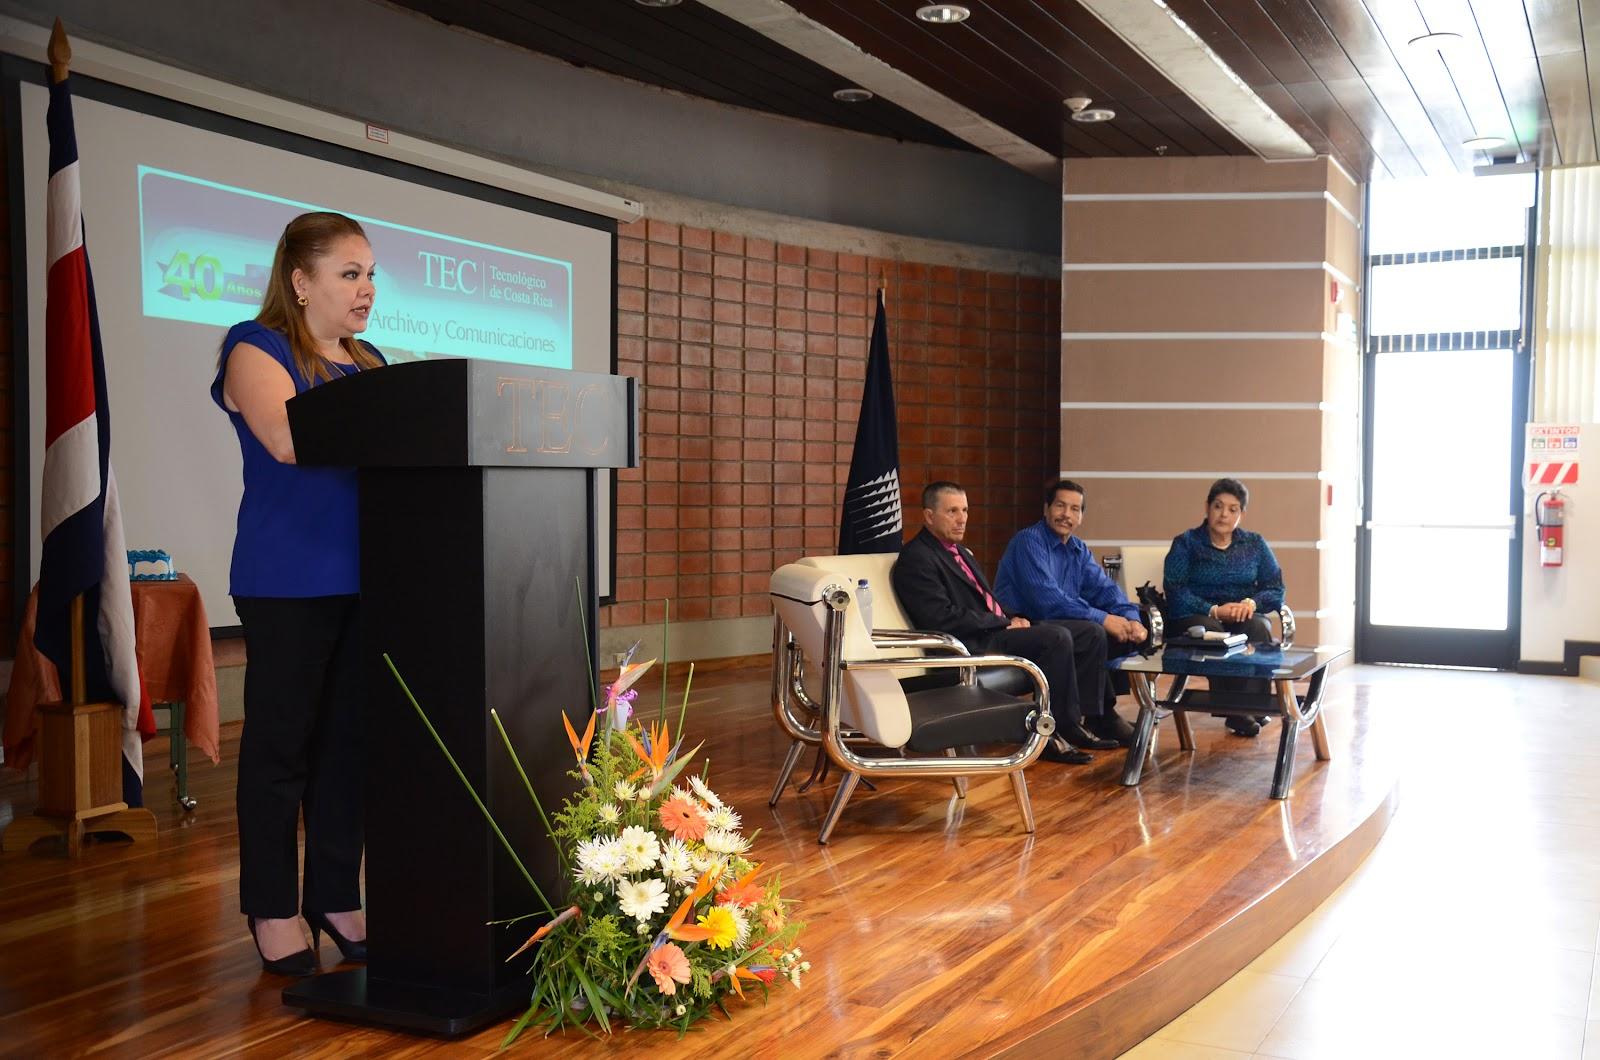 Marjorie Ríos, actual coordinadora del Centro de Archivo y Comunicaciones, en conjunto con los integrantes del conversatorio, realizado en el nuevo edificio de aulas del Campus Central D3 (Foto: Ruth Garita, OCM)